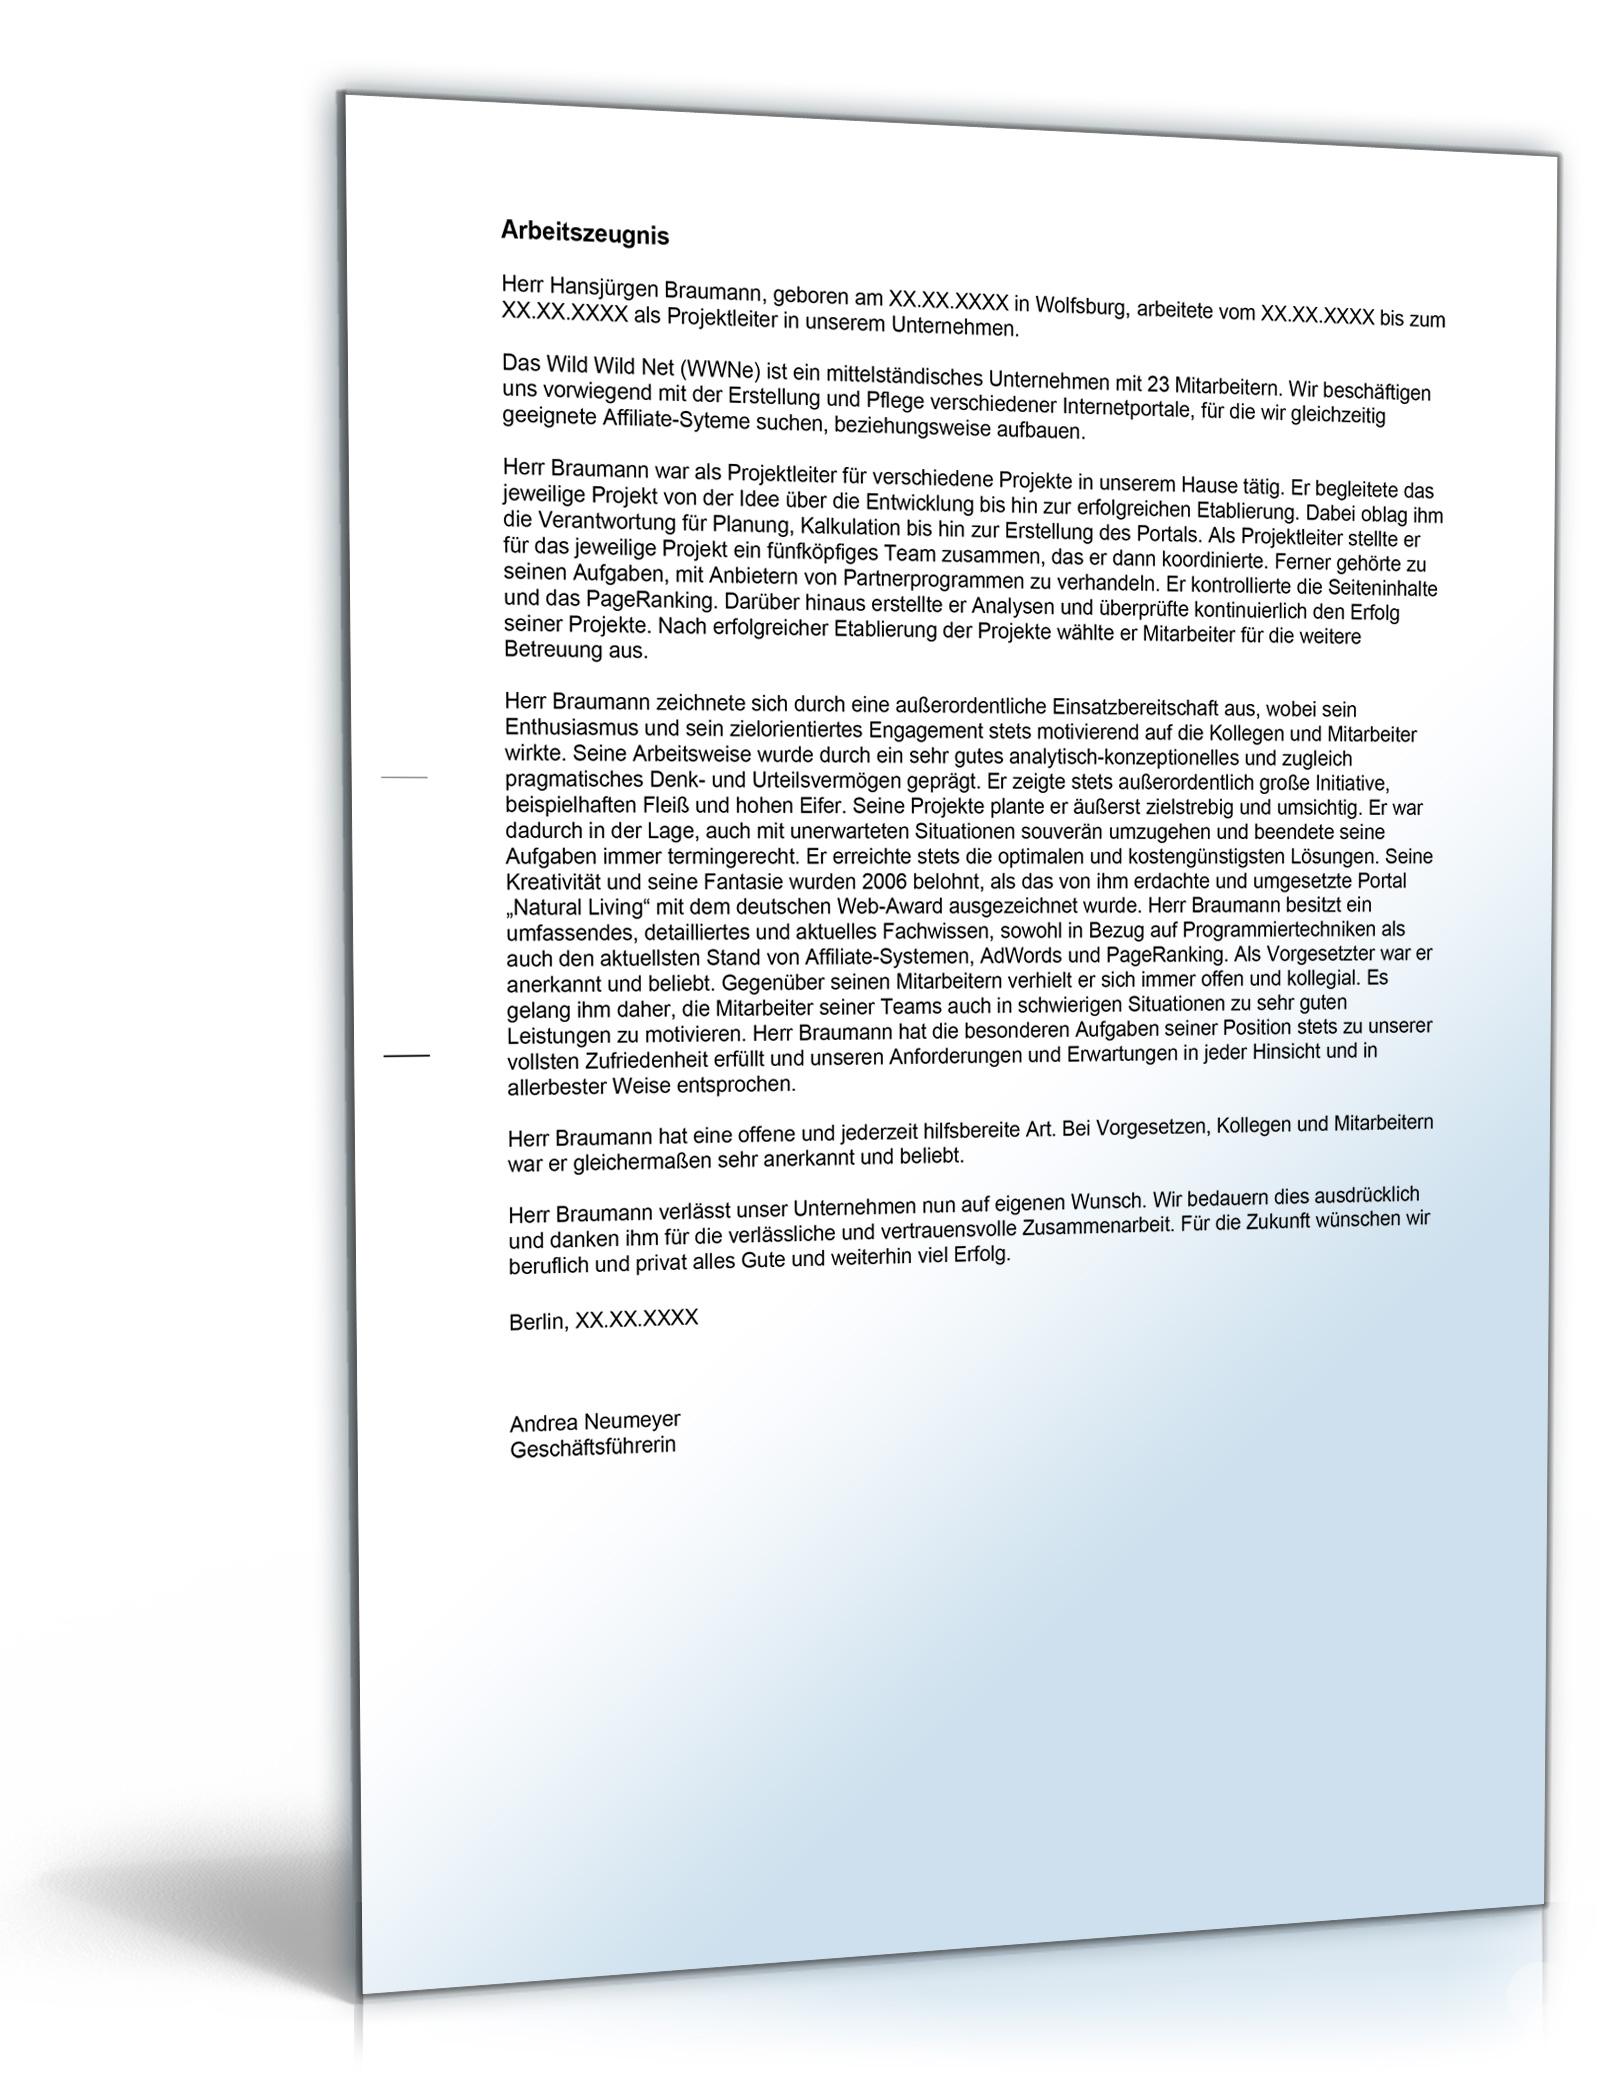 Wunderbar Vorlage Für Den Rücktritt Bilder - Beispiel Wiederaufnahme ...